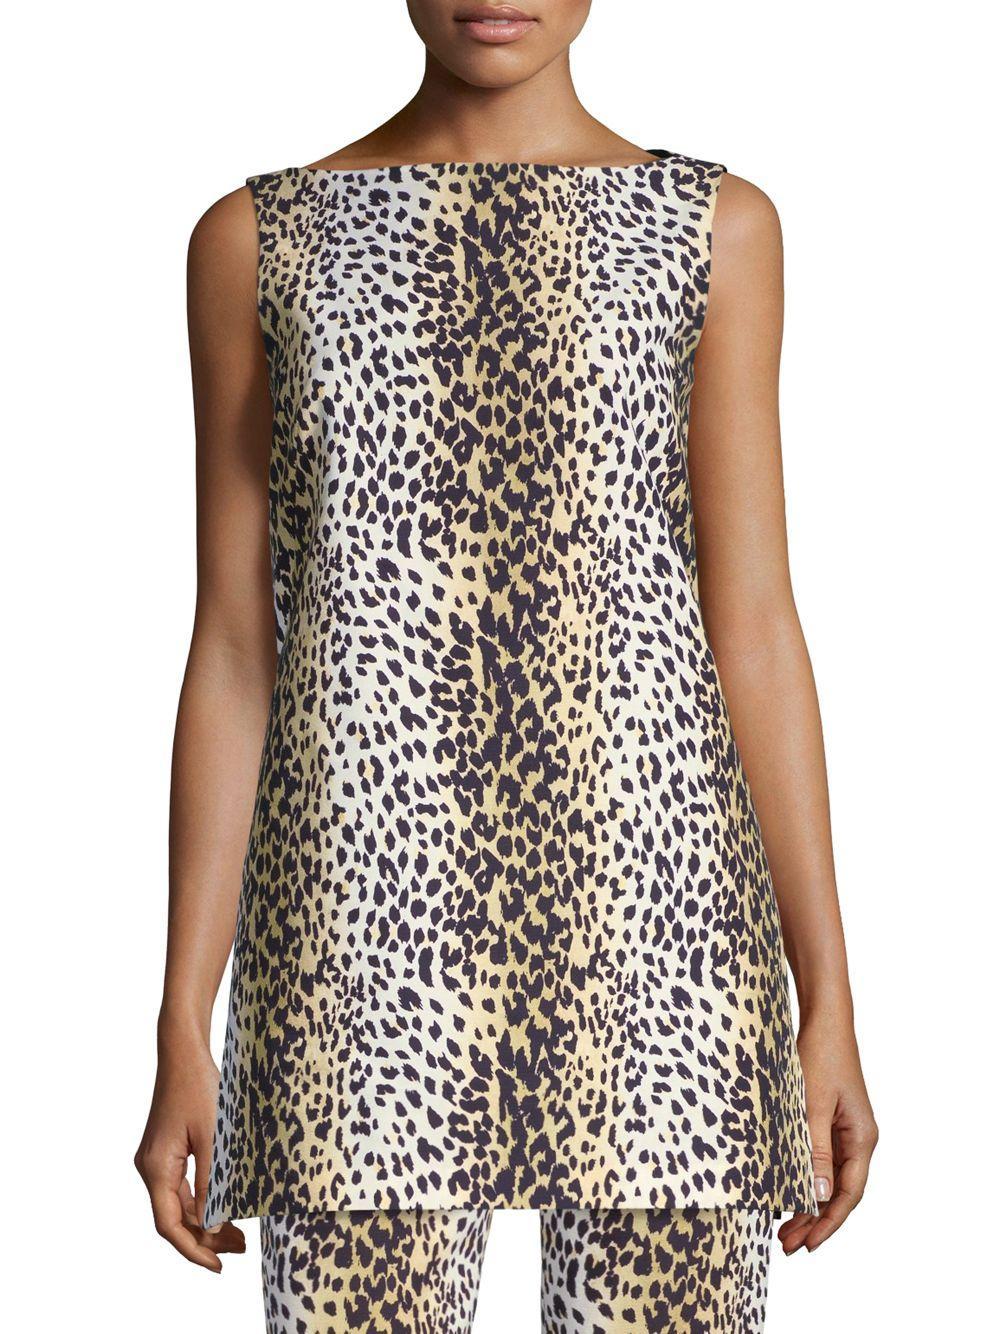 5c5b559c3338d Max mara cheetah print top in natural lyst jpg 1000x1334 Cheetah print top